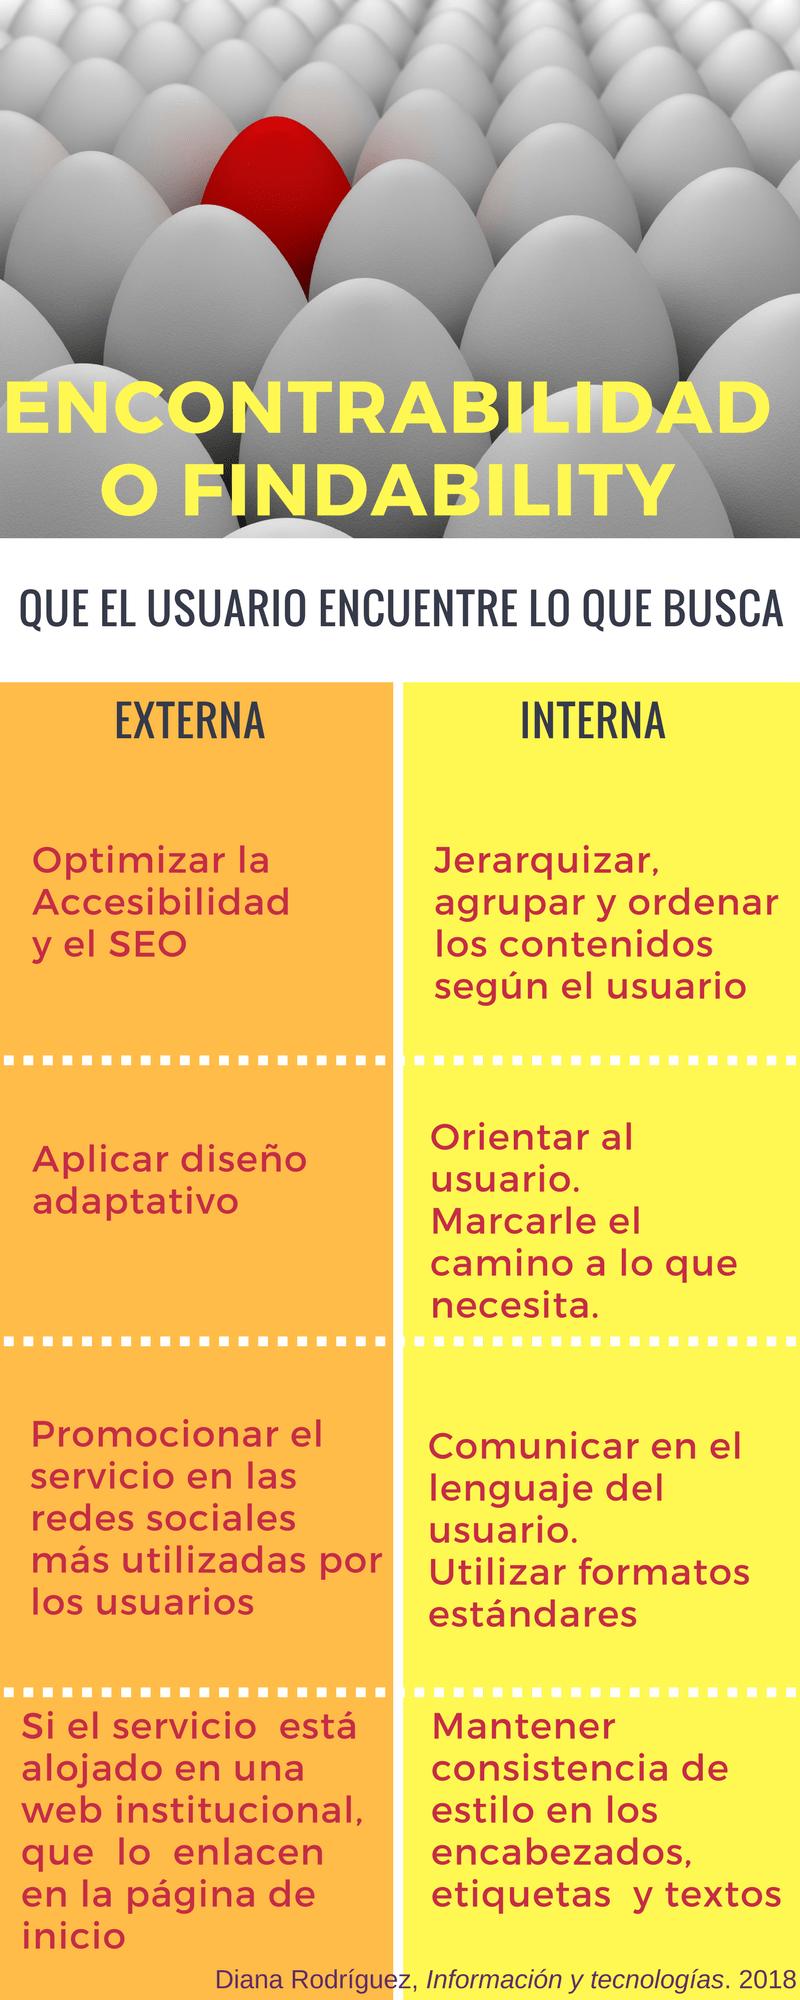 encontrabilidad_estrategias_principales